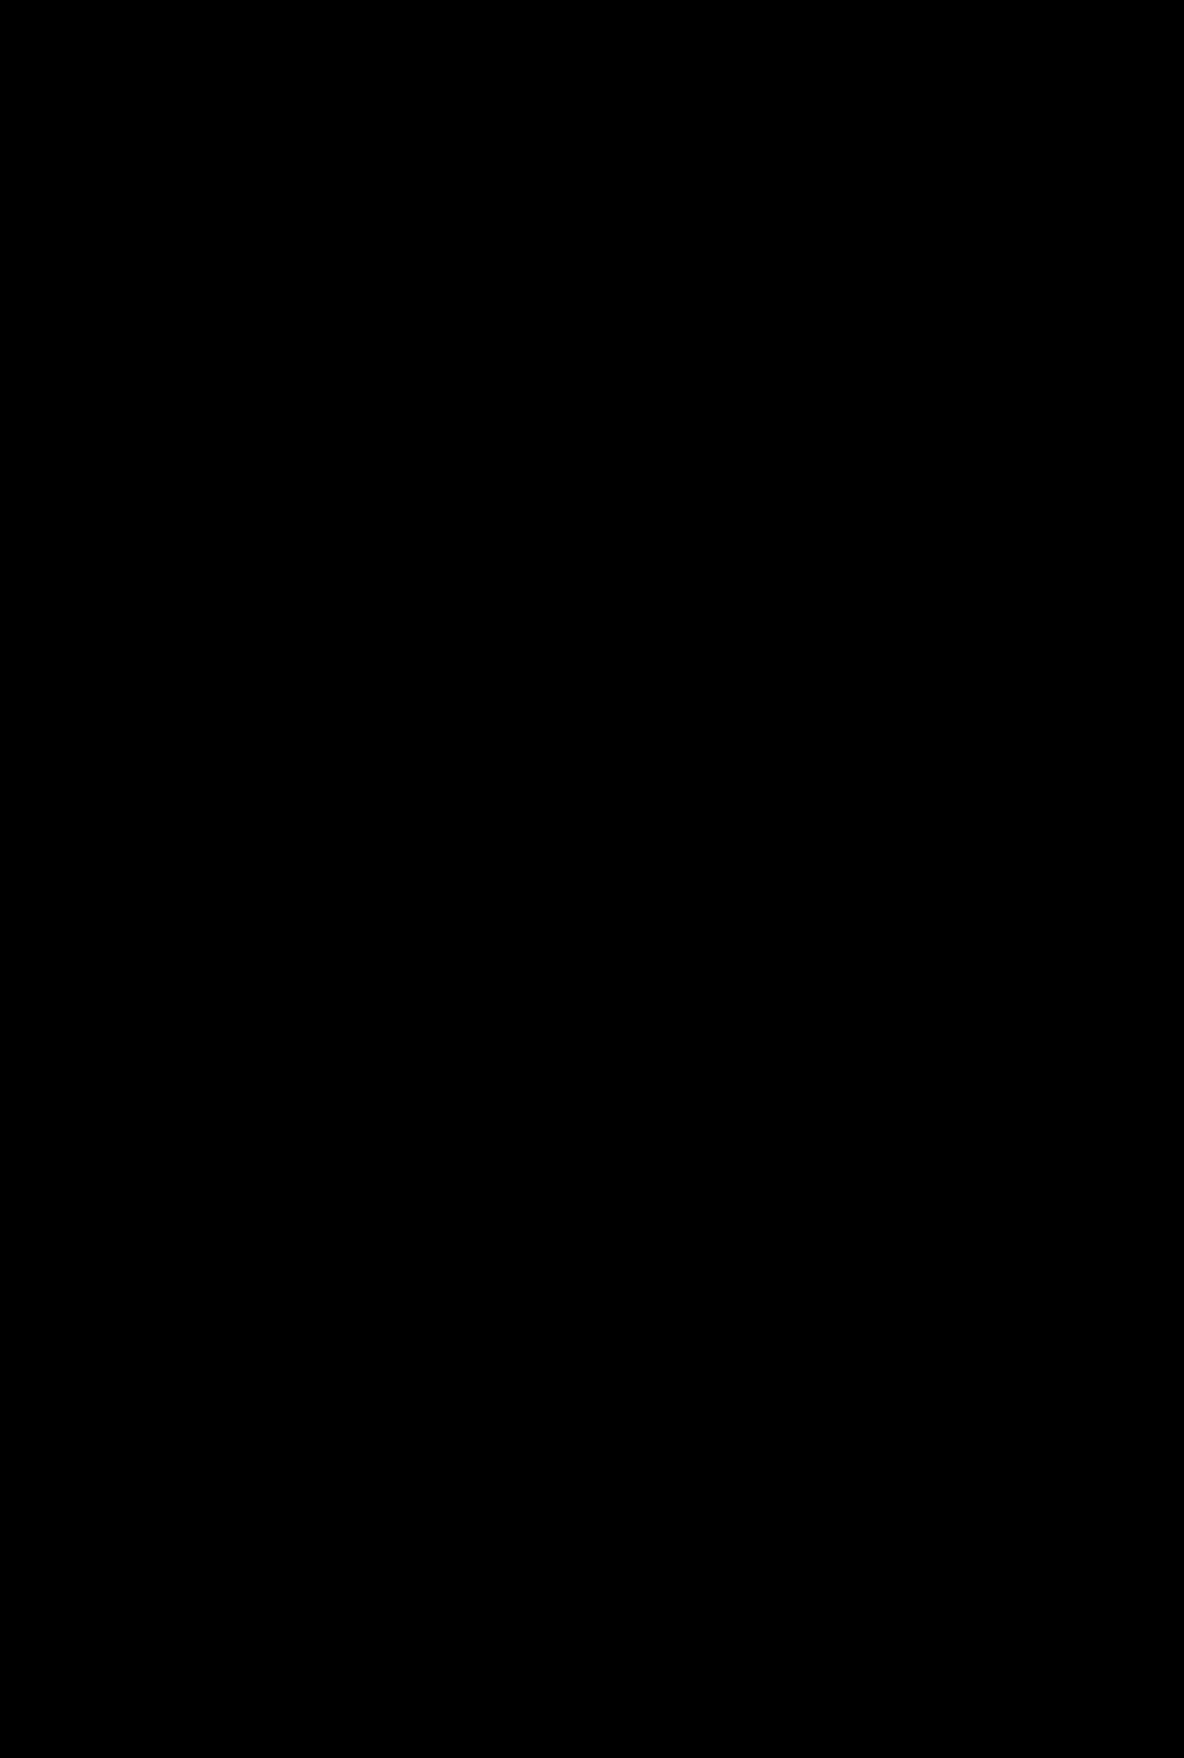 Aktstudie 59×42